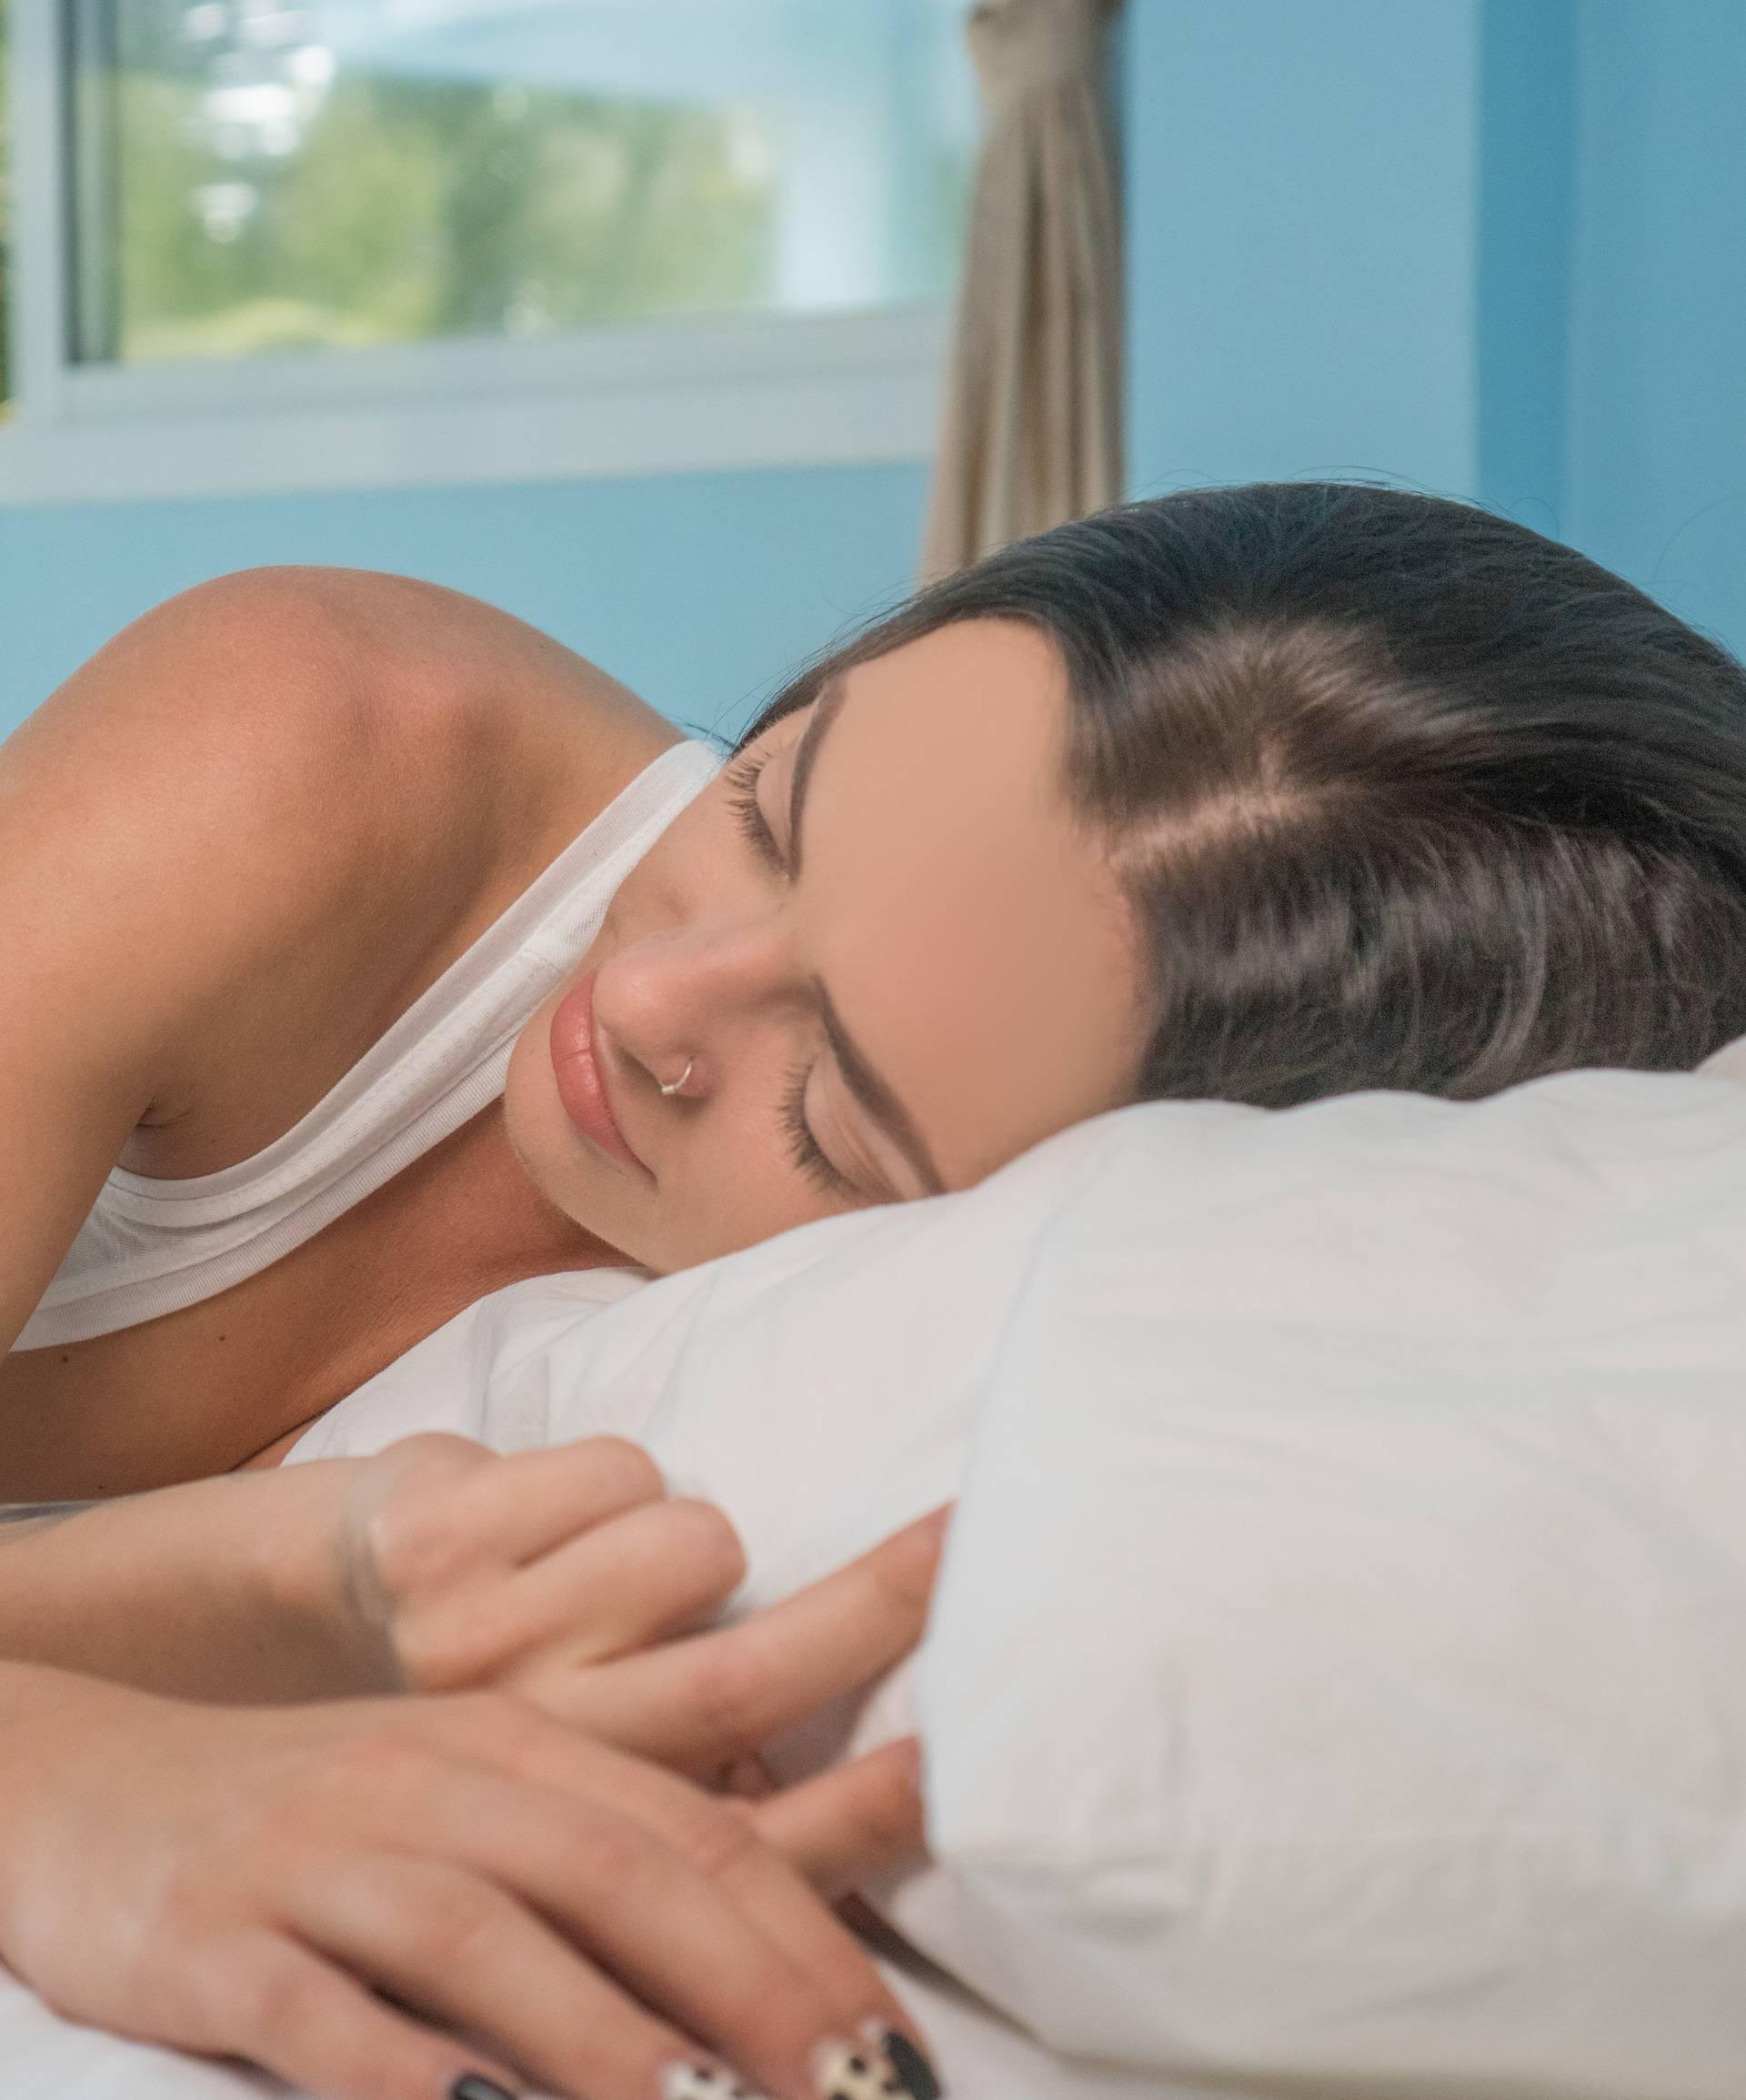 Za kvalitetan san: Što je dobro jesti prije spavanja, a što nije?